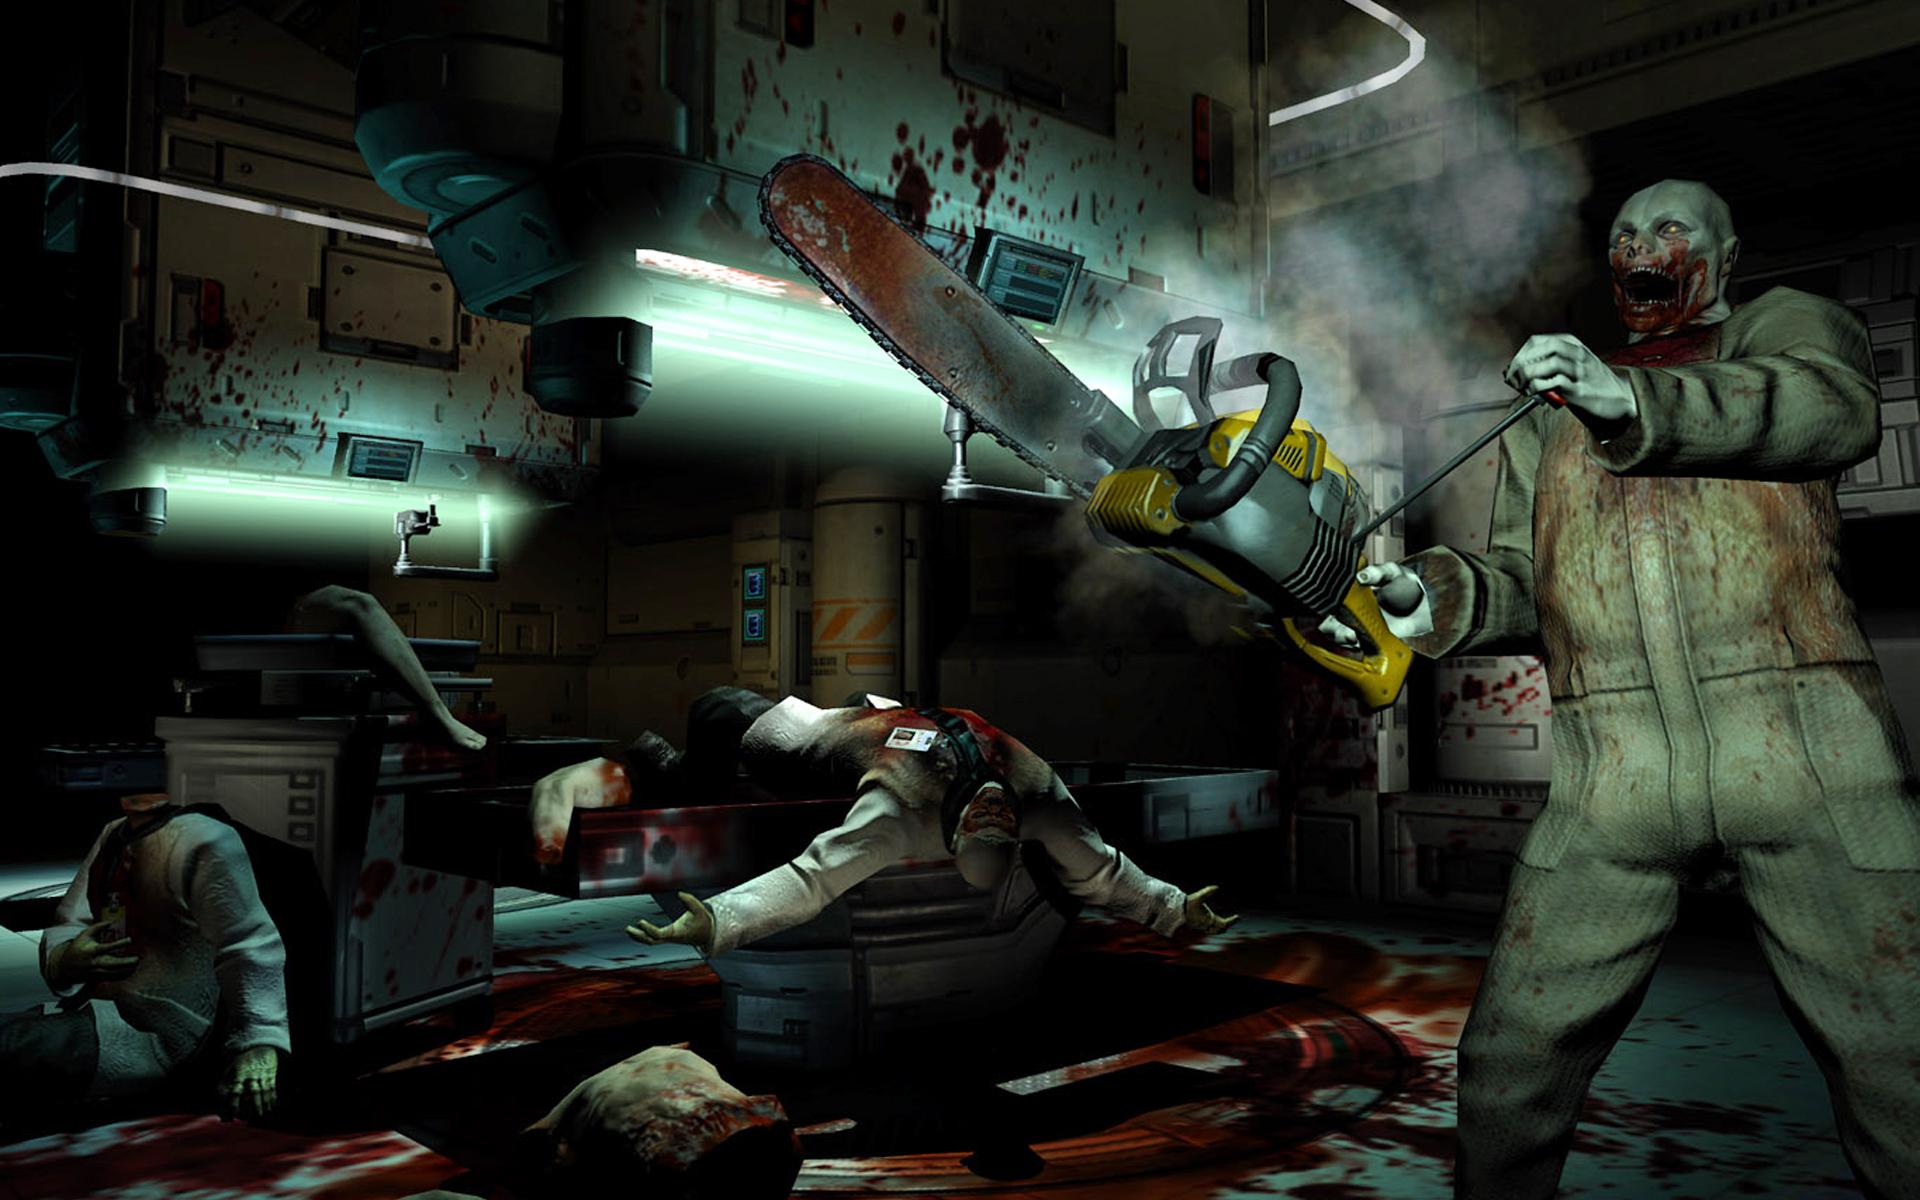 Doom 3 Chainsaw HD Wallpaper 1920x1200